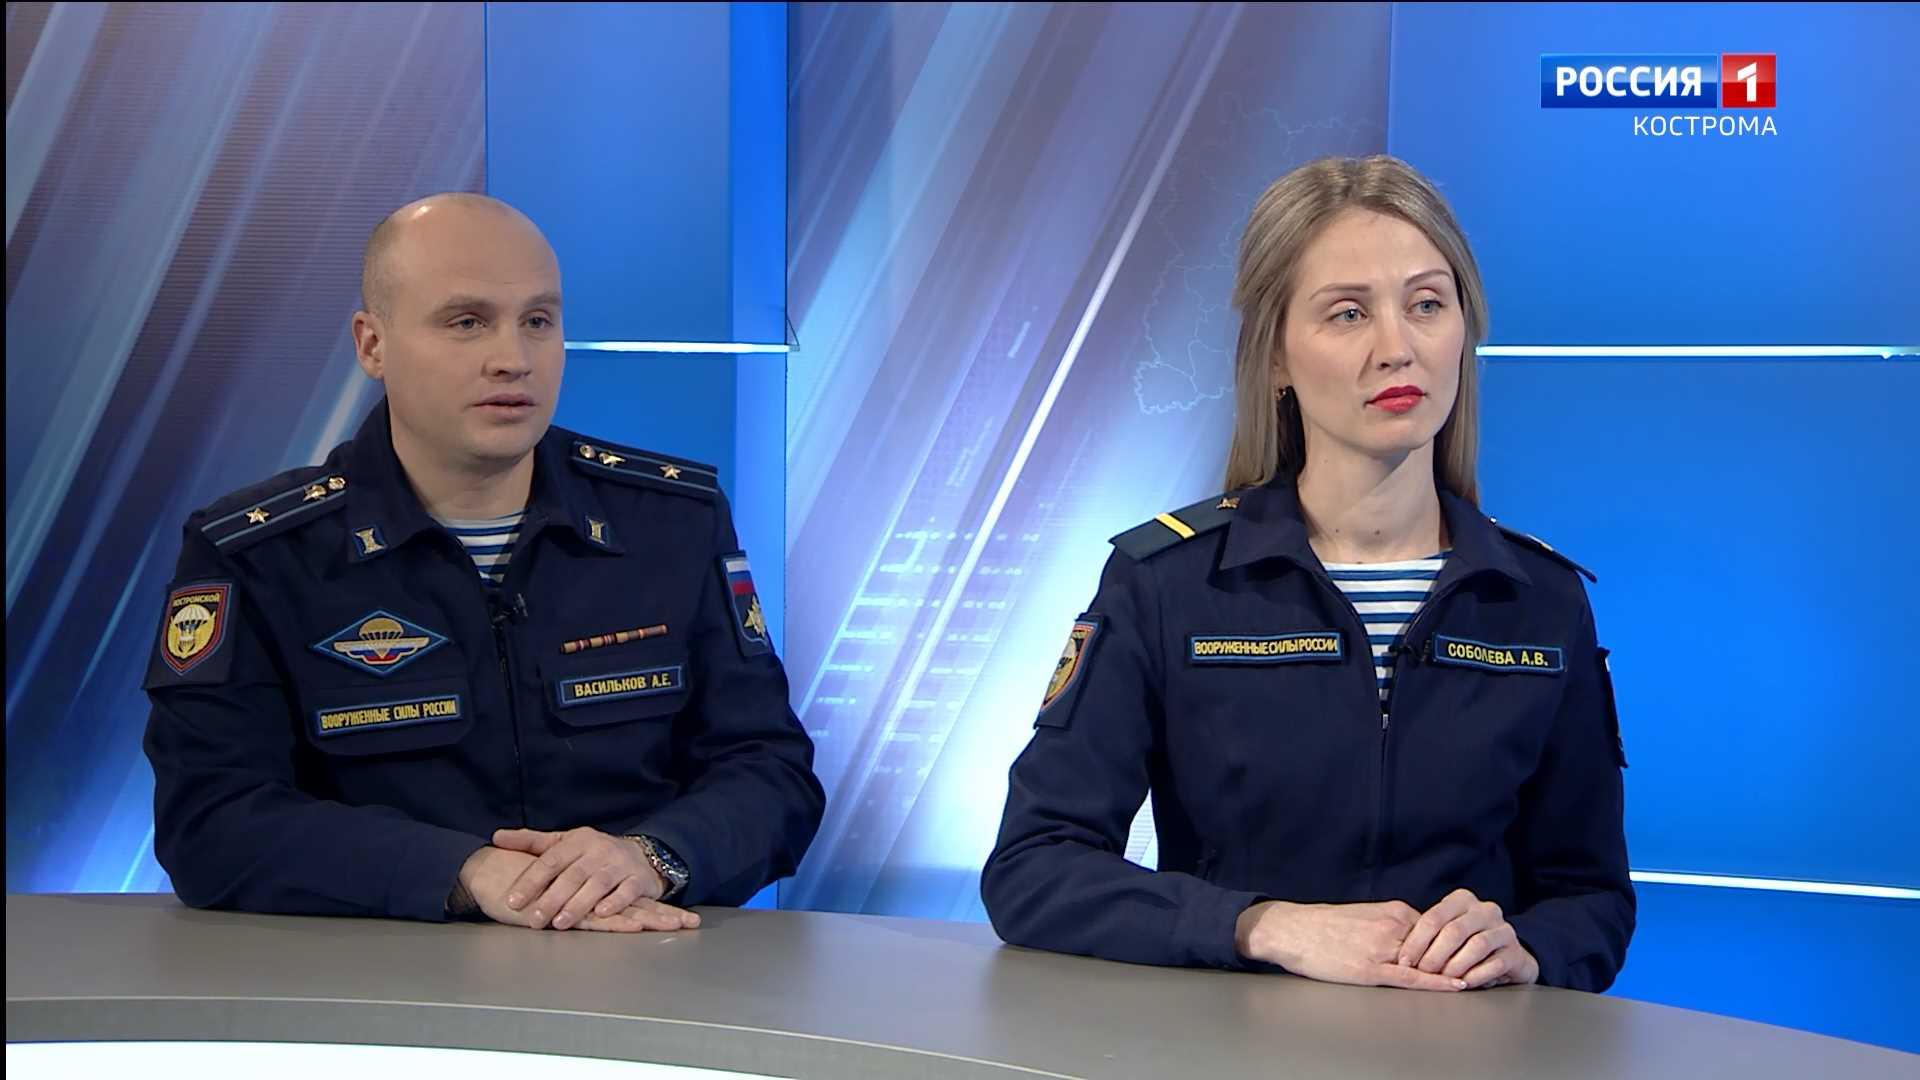 «Подвиг» каждый день: костромские десантники рассказали о службе в ВДВ